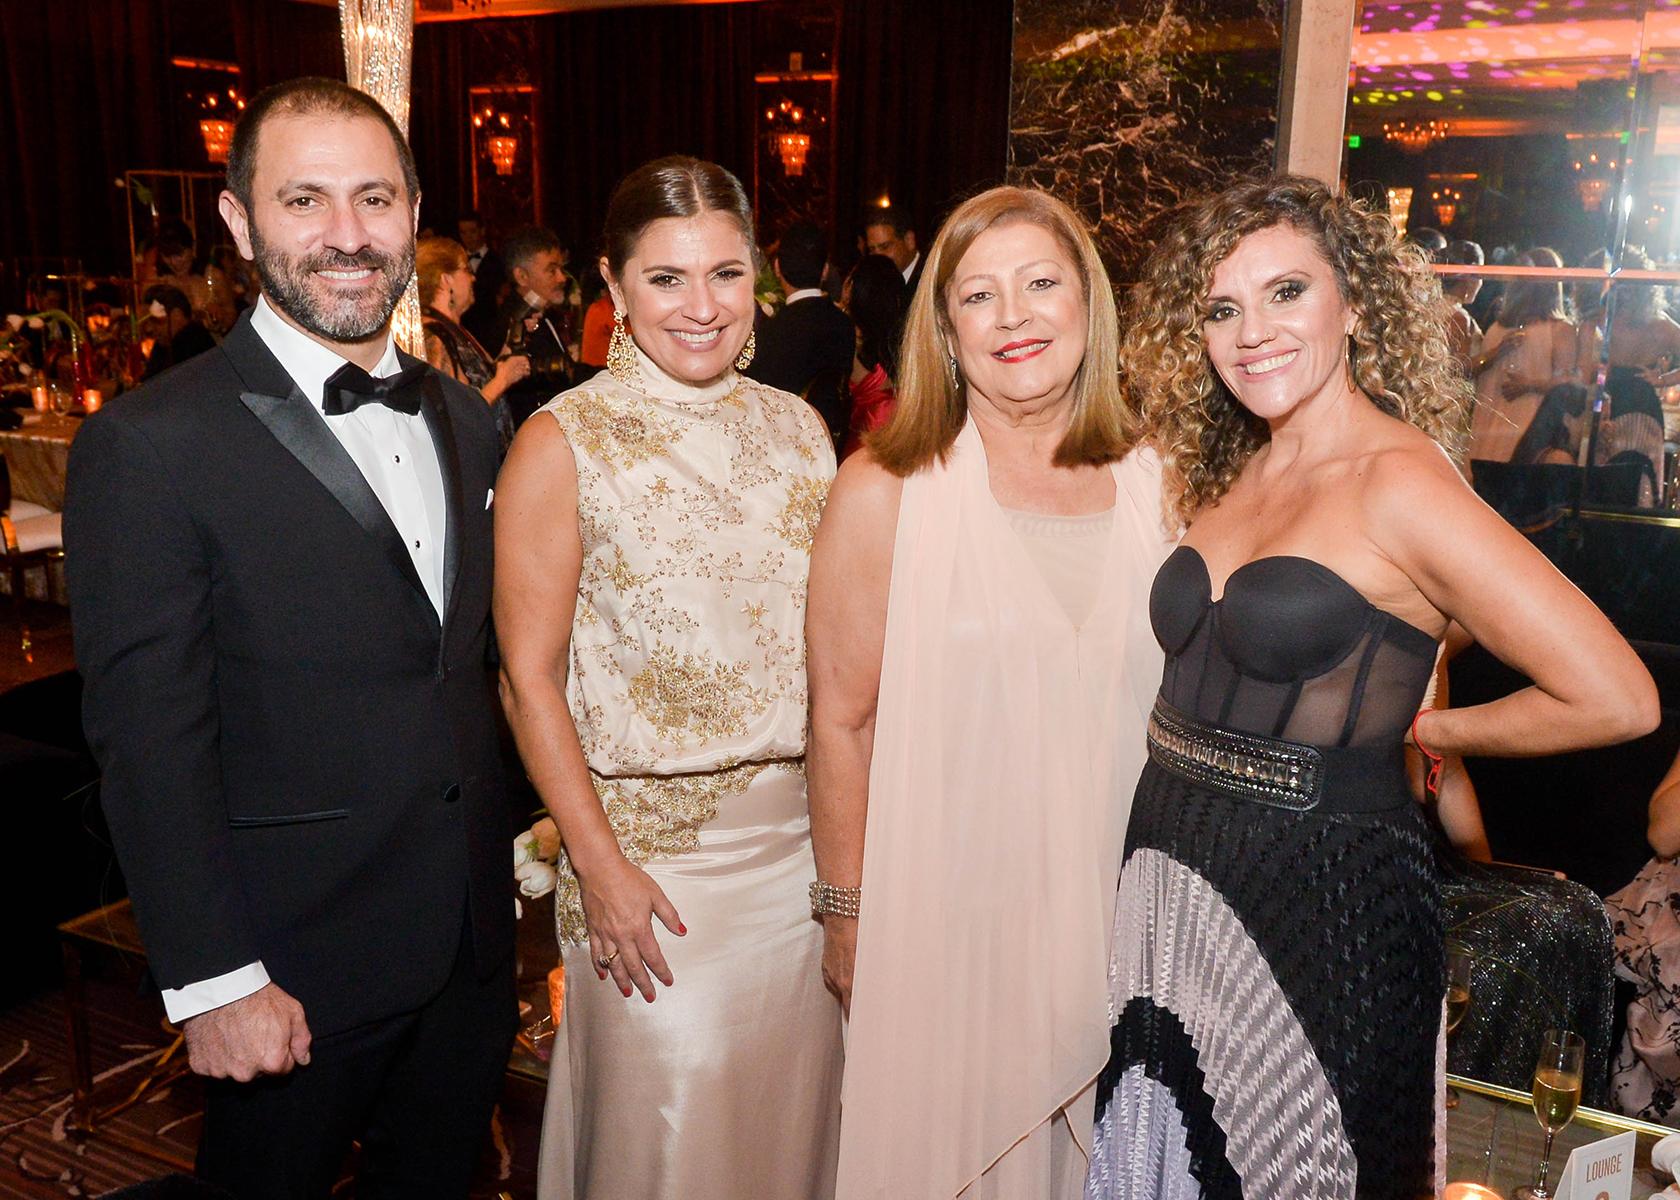 José Rodríguez, Marí Rodríguez, María Amelia Guzmán y Patricia Alomar. (Foto Enid M. Salgado Mercado)